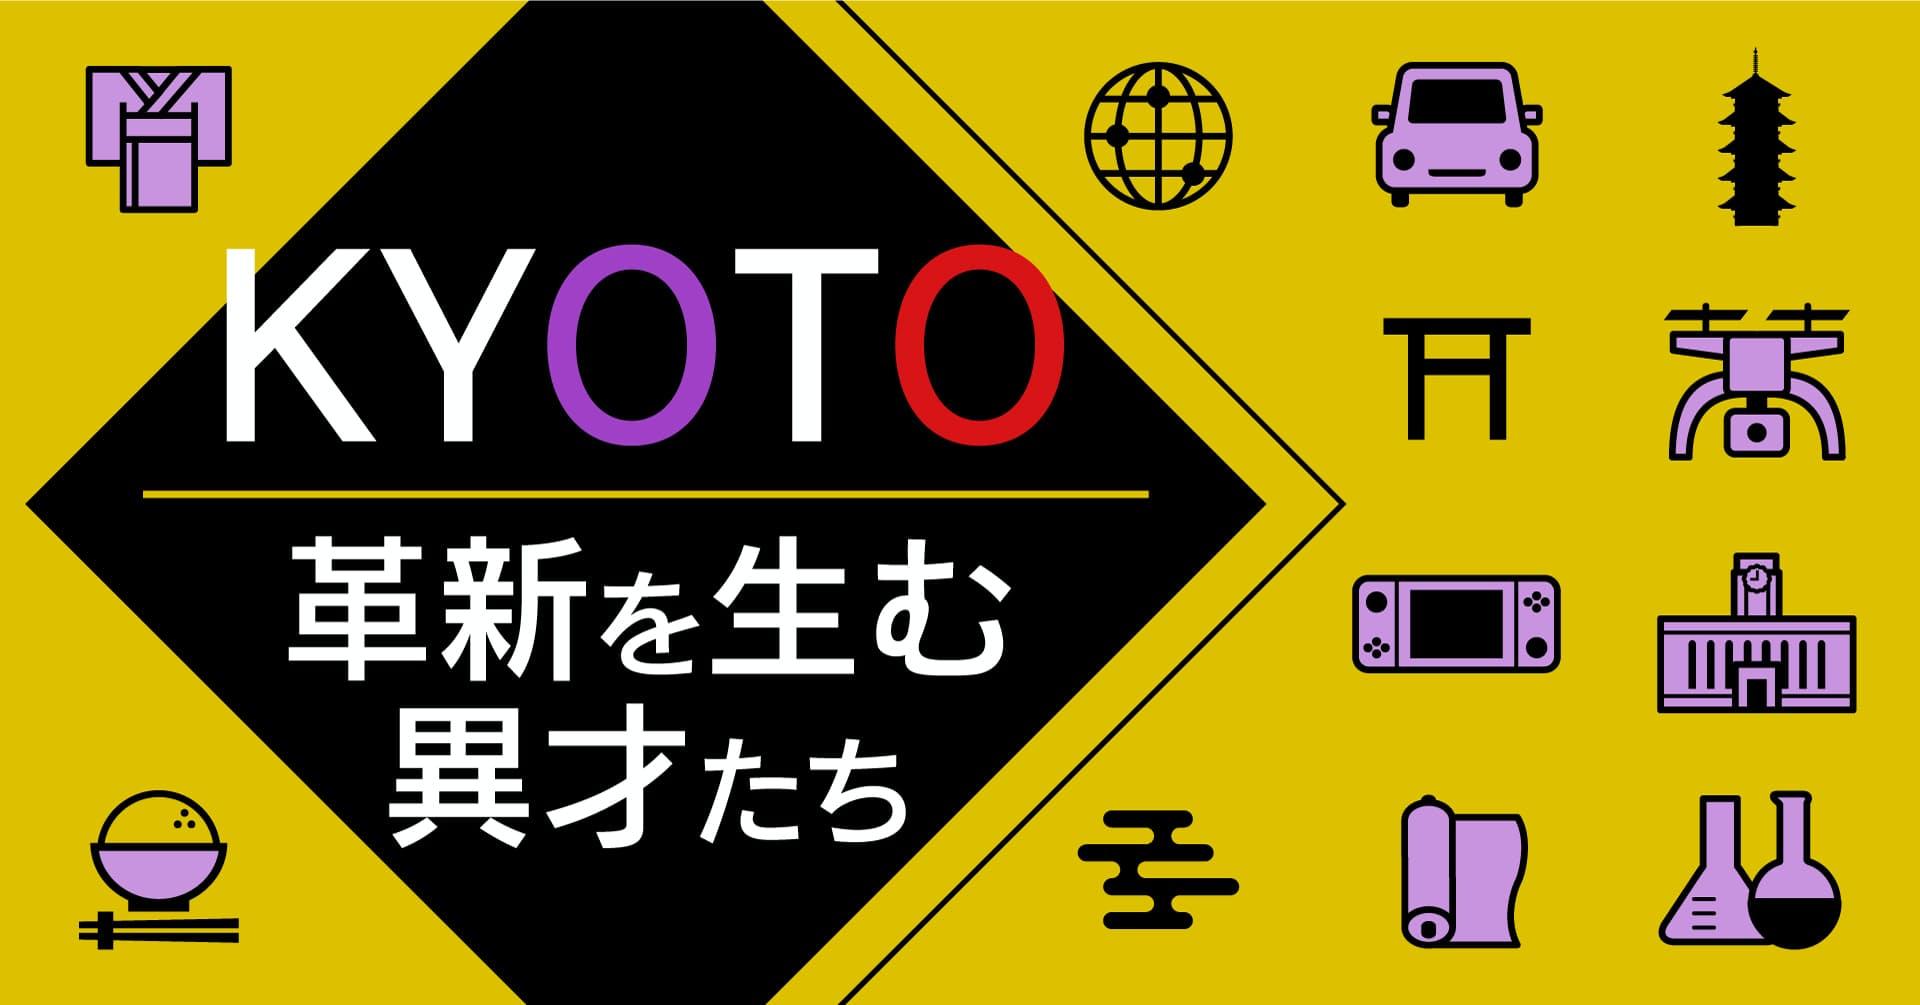 KYOTO 革新を生む異才たち